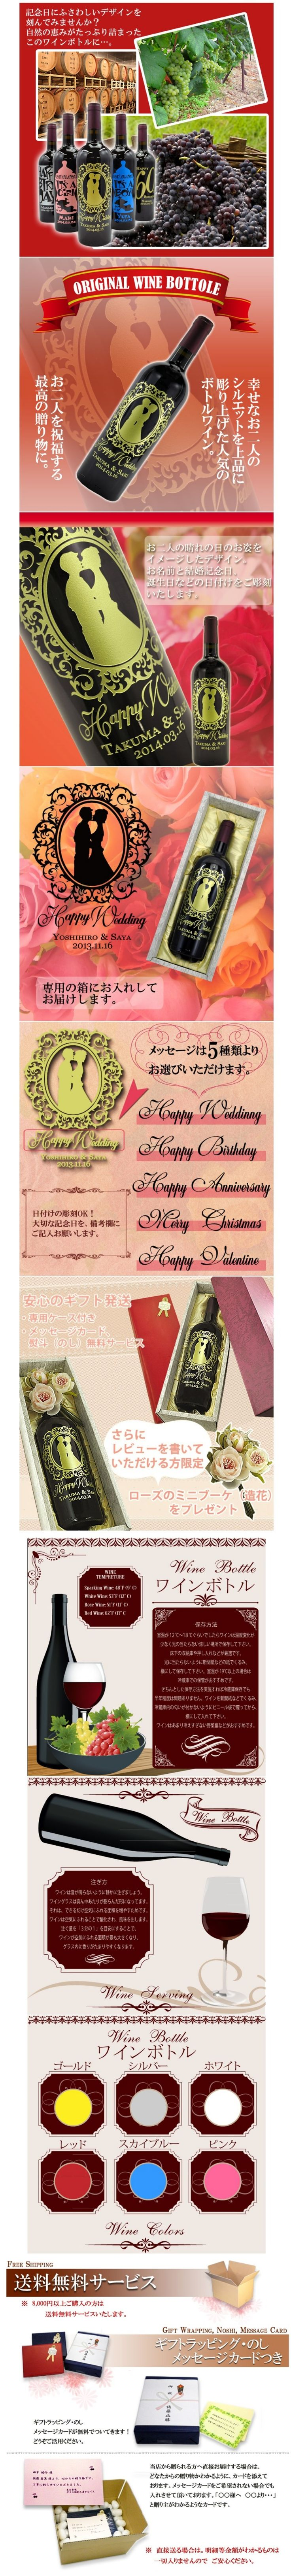 【楽天市場】名入れ ワイン【世界に一つのワインボトル】彫刻 プレゼント 酒 ギフト 誕生日プレゼント女性 男性 結婚祝い 退職祝い ホワイトデー 記念日【ウェディング デザイン】【母の日 父の日】【楽ギフ_名入れ】【RCP】10P30Nov14:Forever Gift